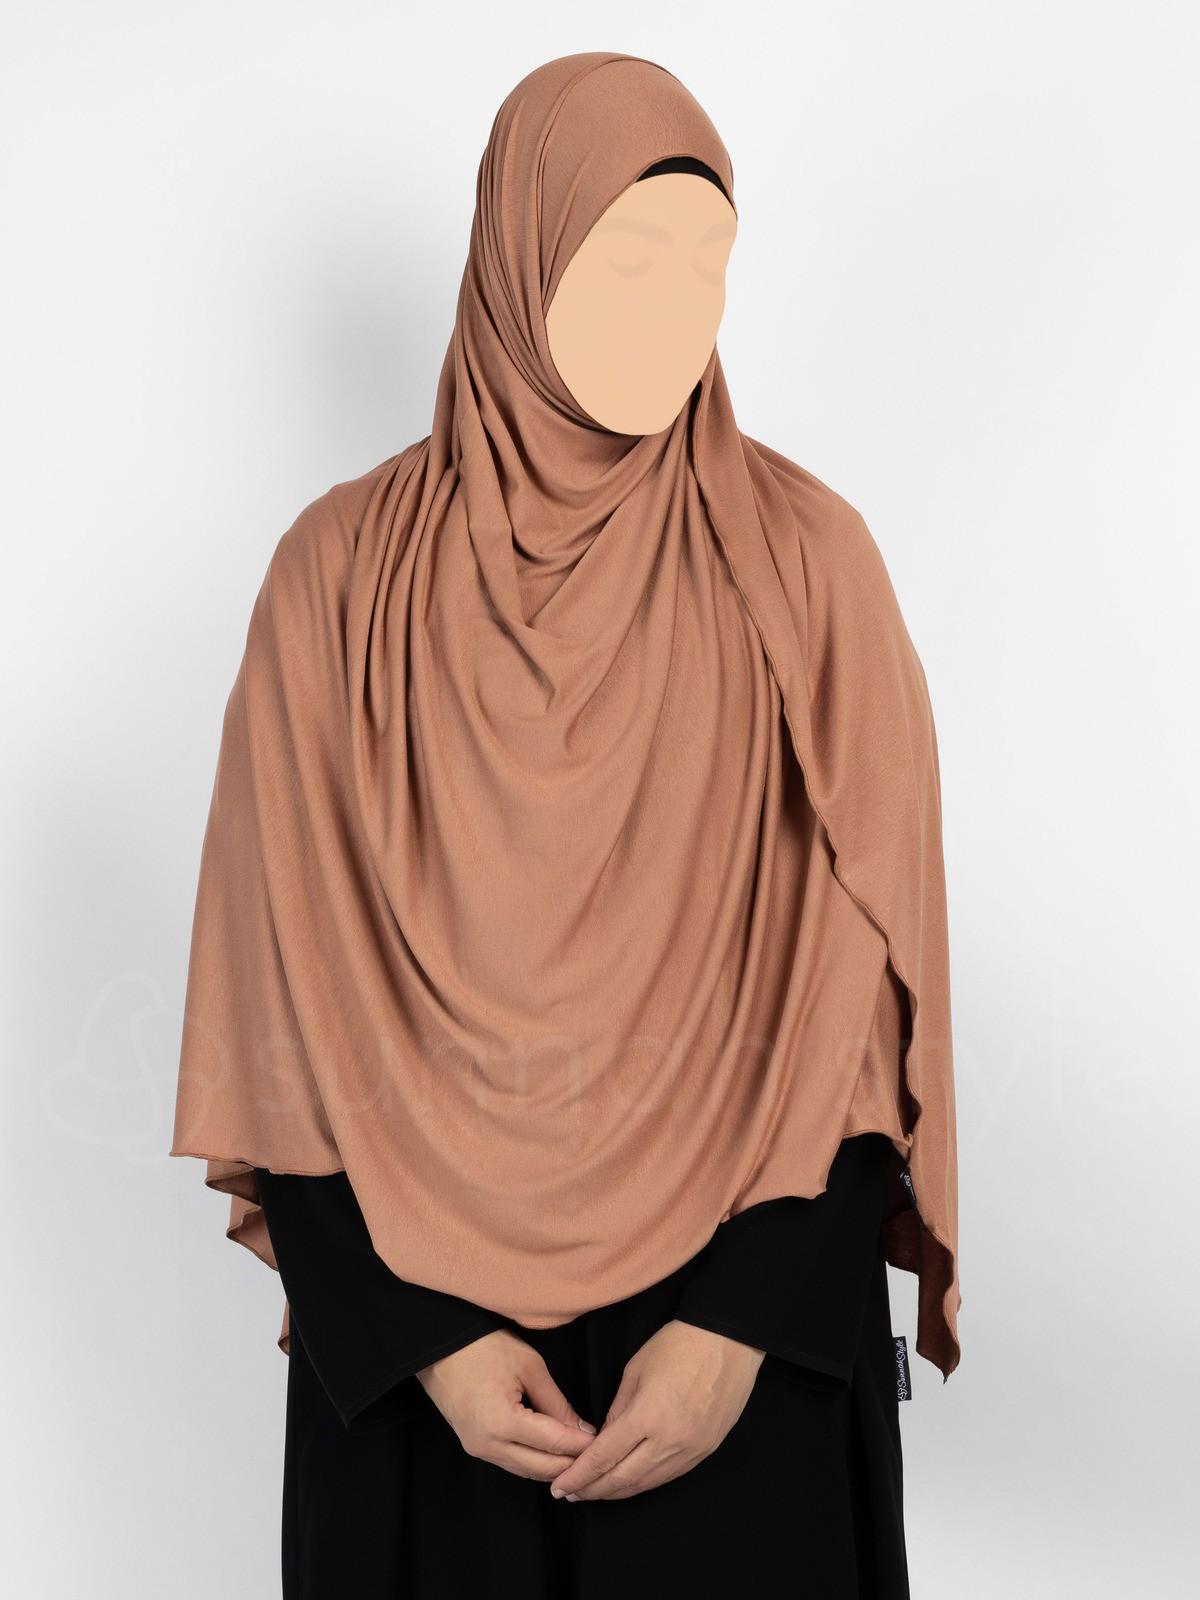 Sunnah Style - Urban Shayla (Soft Jersey) - XL (Terracotta)